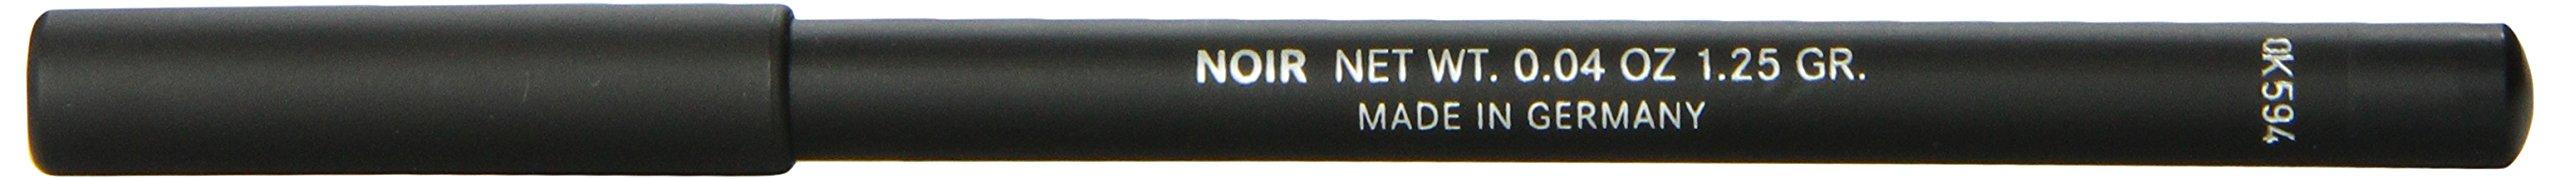 Le Metier De Beaute Dualistic Eye Pencil, Noir, .04 Ounce by Le Metier de Beaute (Image #2)